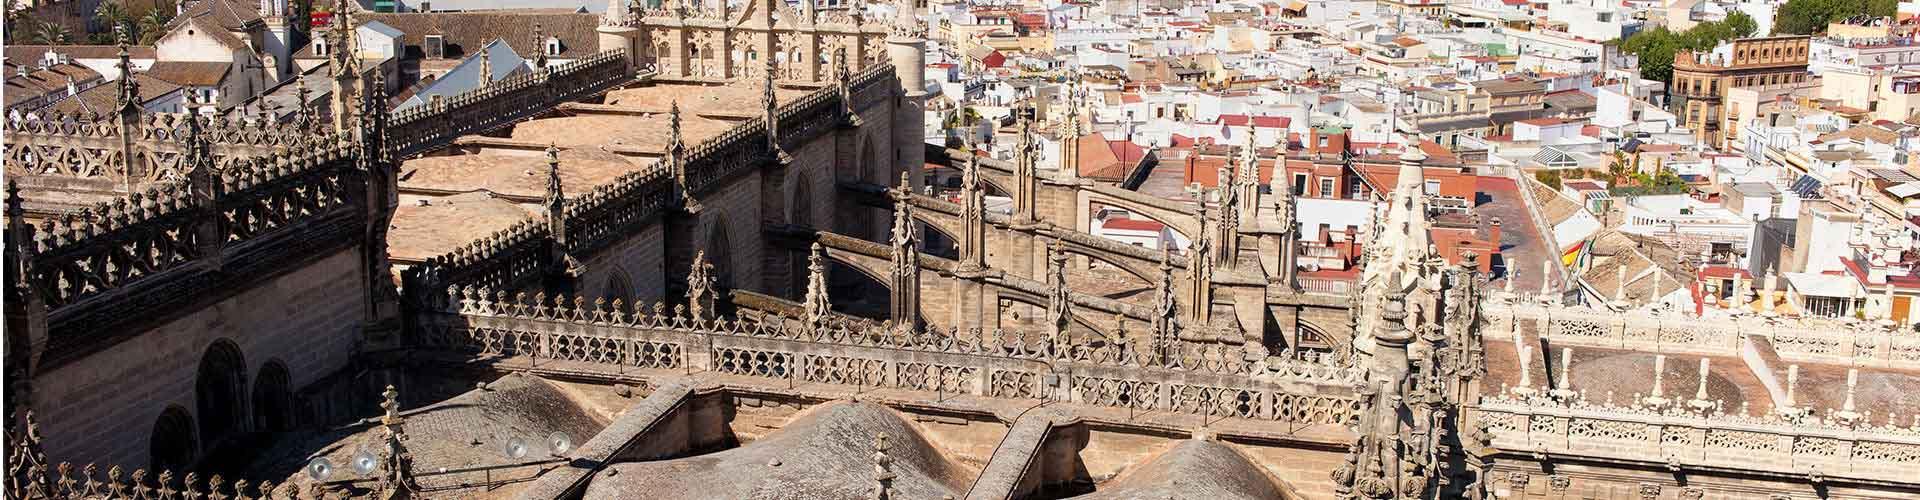 Seville - Auberges de jeunesse et Chambres pas chères dans le quartier de El Arenal. Cartes de Seville, photos et commentaires pour chaque Auberge de jeunesse et Chambre pas chère à Seville.